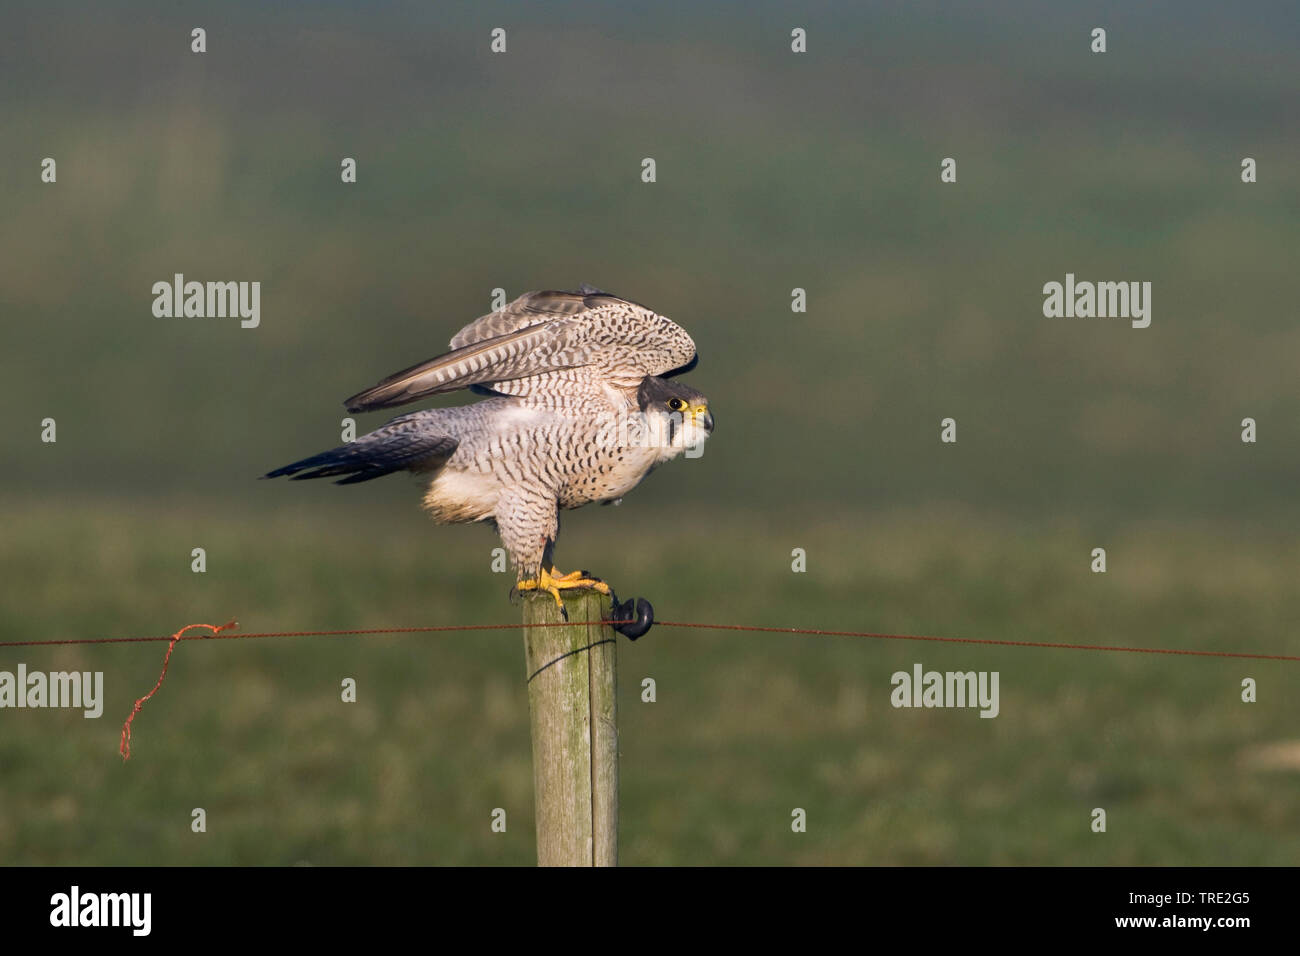 Wanderfalke, Wander-Falke (Falco peregrinus), Weibchen landet auf einem Pfosten, Niederlande, Terschelling   peregrine falcon (Falco peregrinus), fema - Stock Image